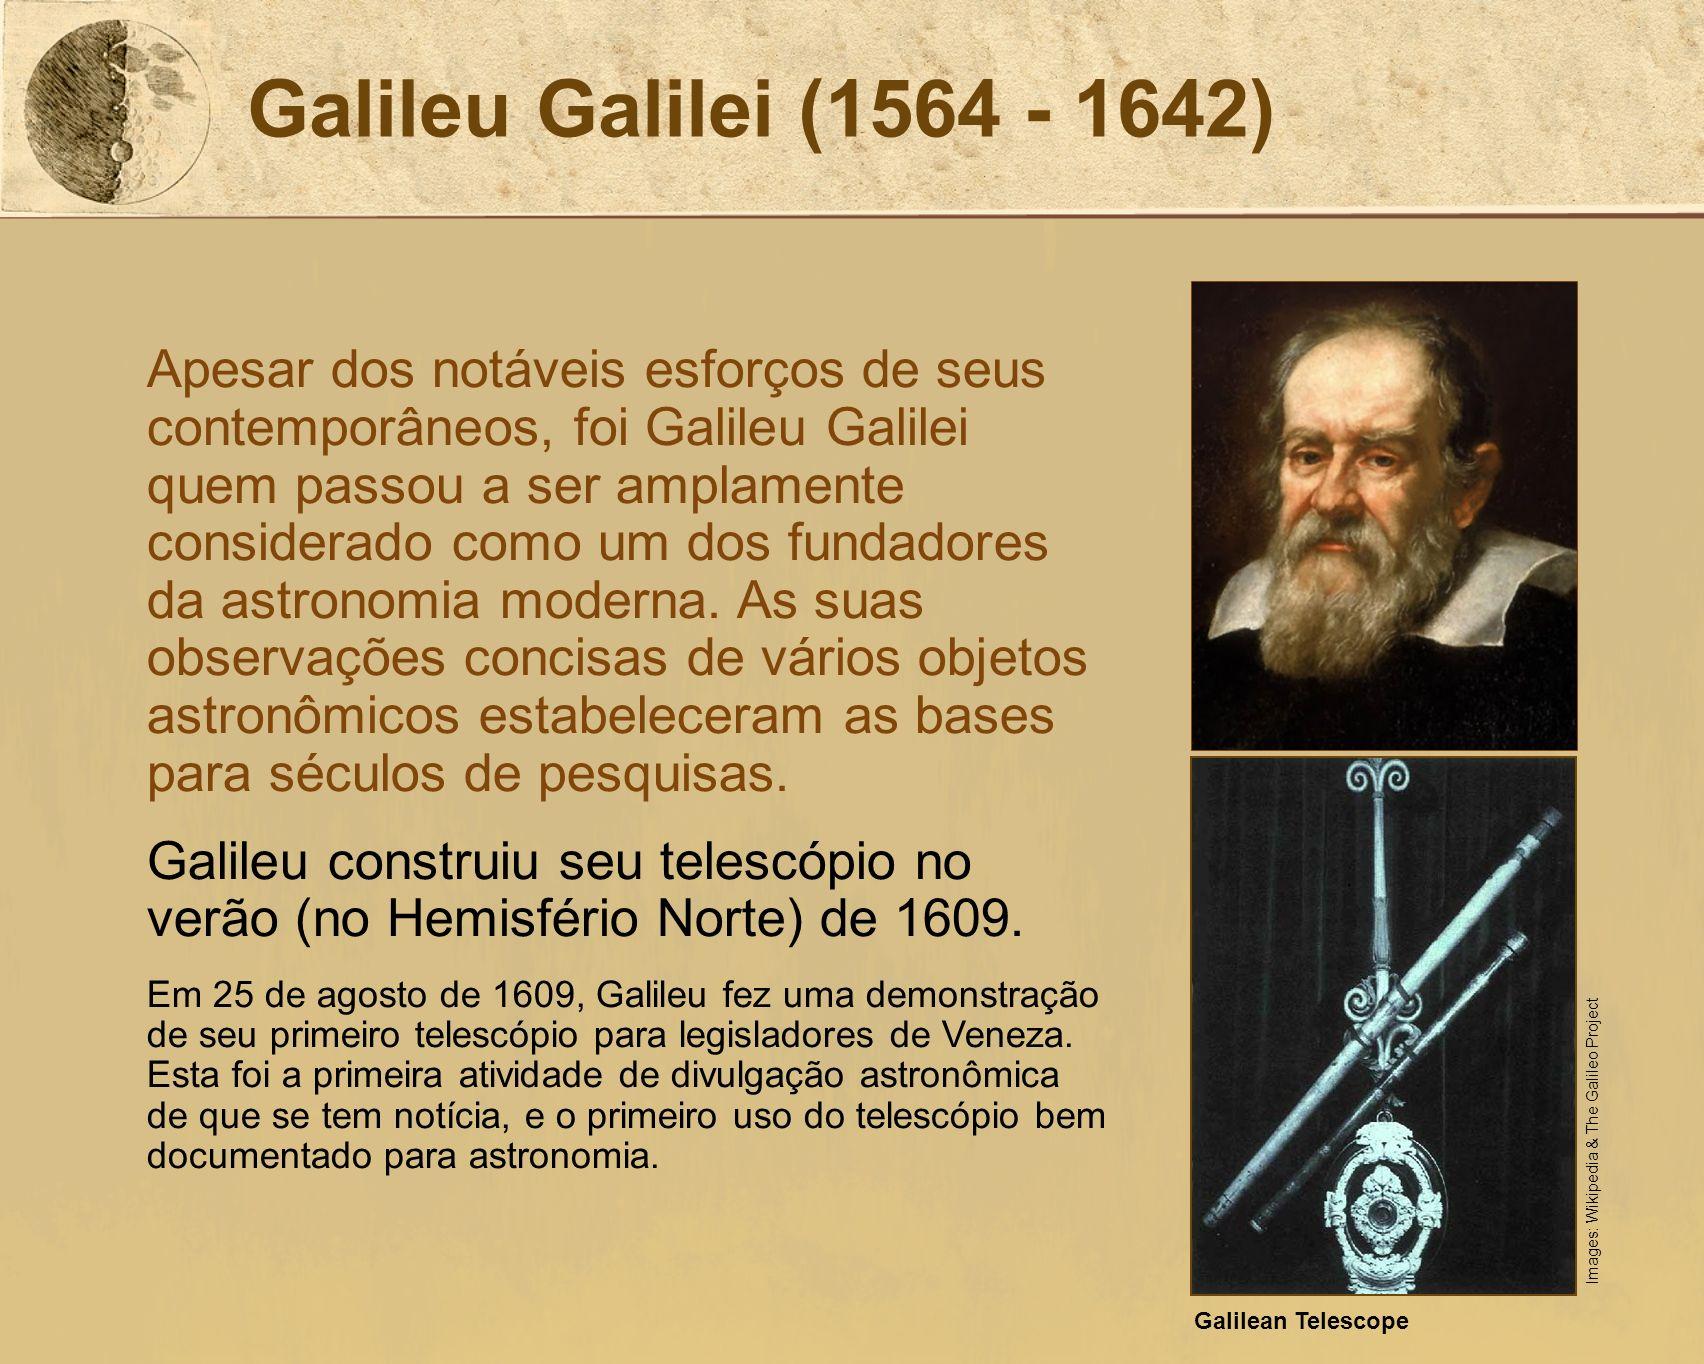 Galileu Galilei (1564 - 1642) Apesar dos notáveis esforços de seus contemporâneos, foi Galileu Galilei quem passou a ser amplamente considerado como u